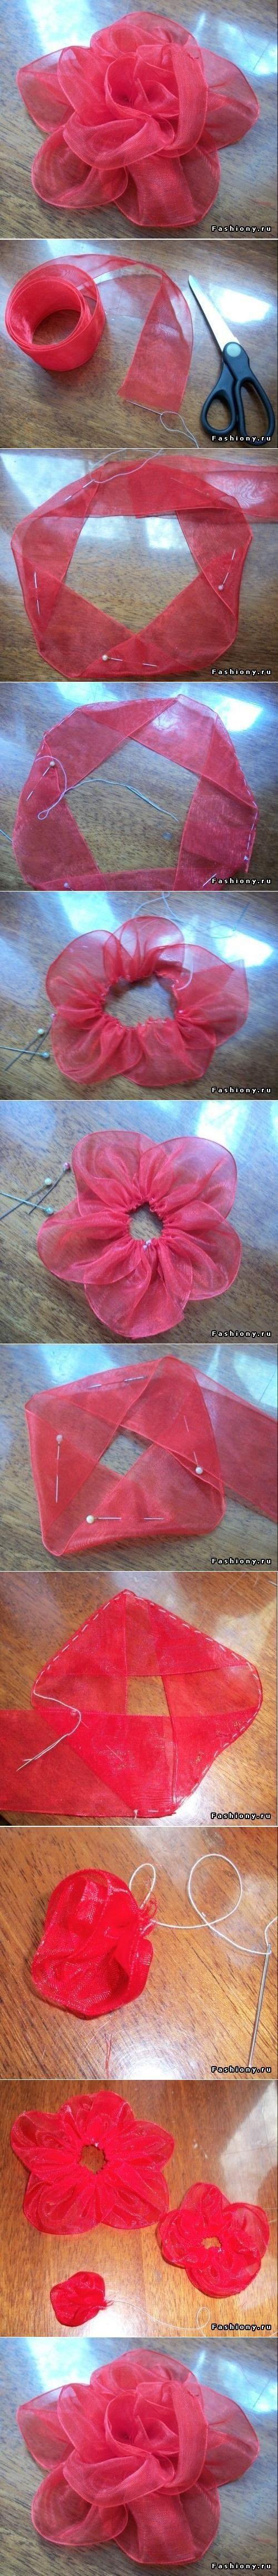 DIY Cinta Cinta de la flor DIY Proyectos